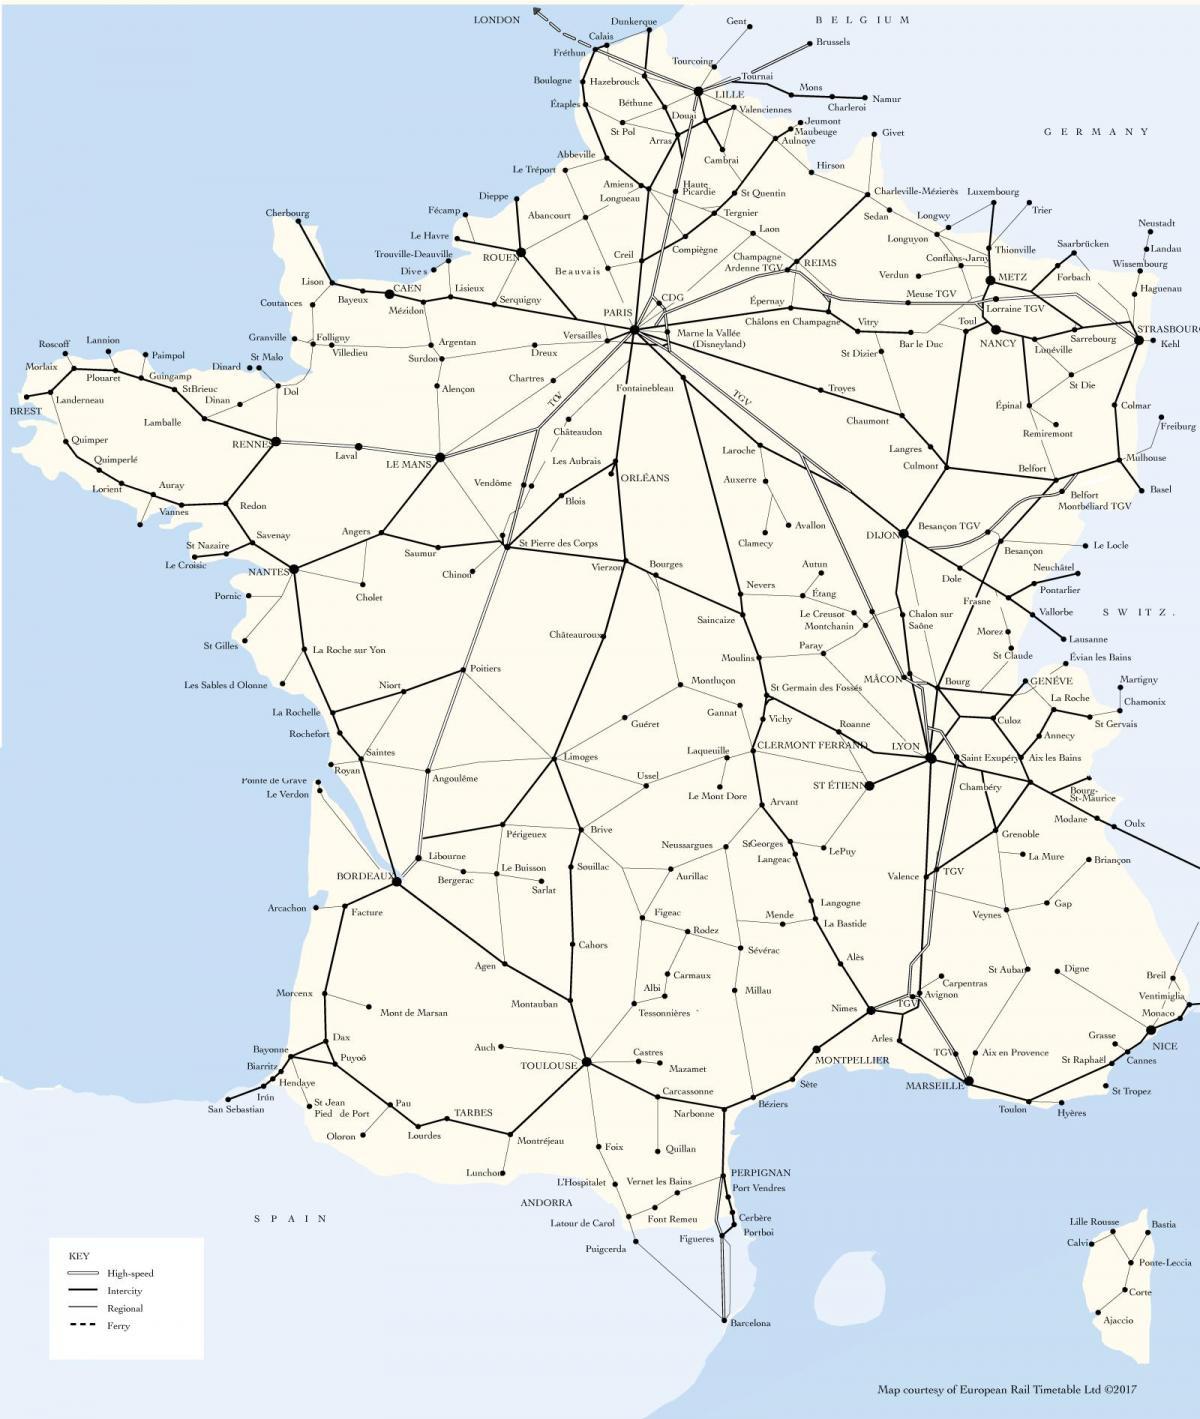 tog kart europa Frankrike tog kart   Kart over tog linjer i Frankrike (Vest Europa  tog kart europa